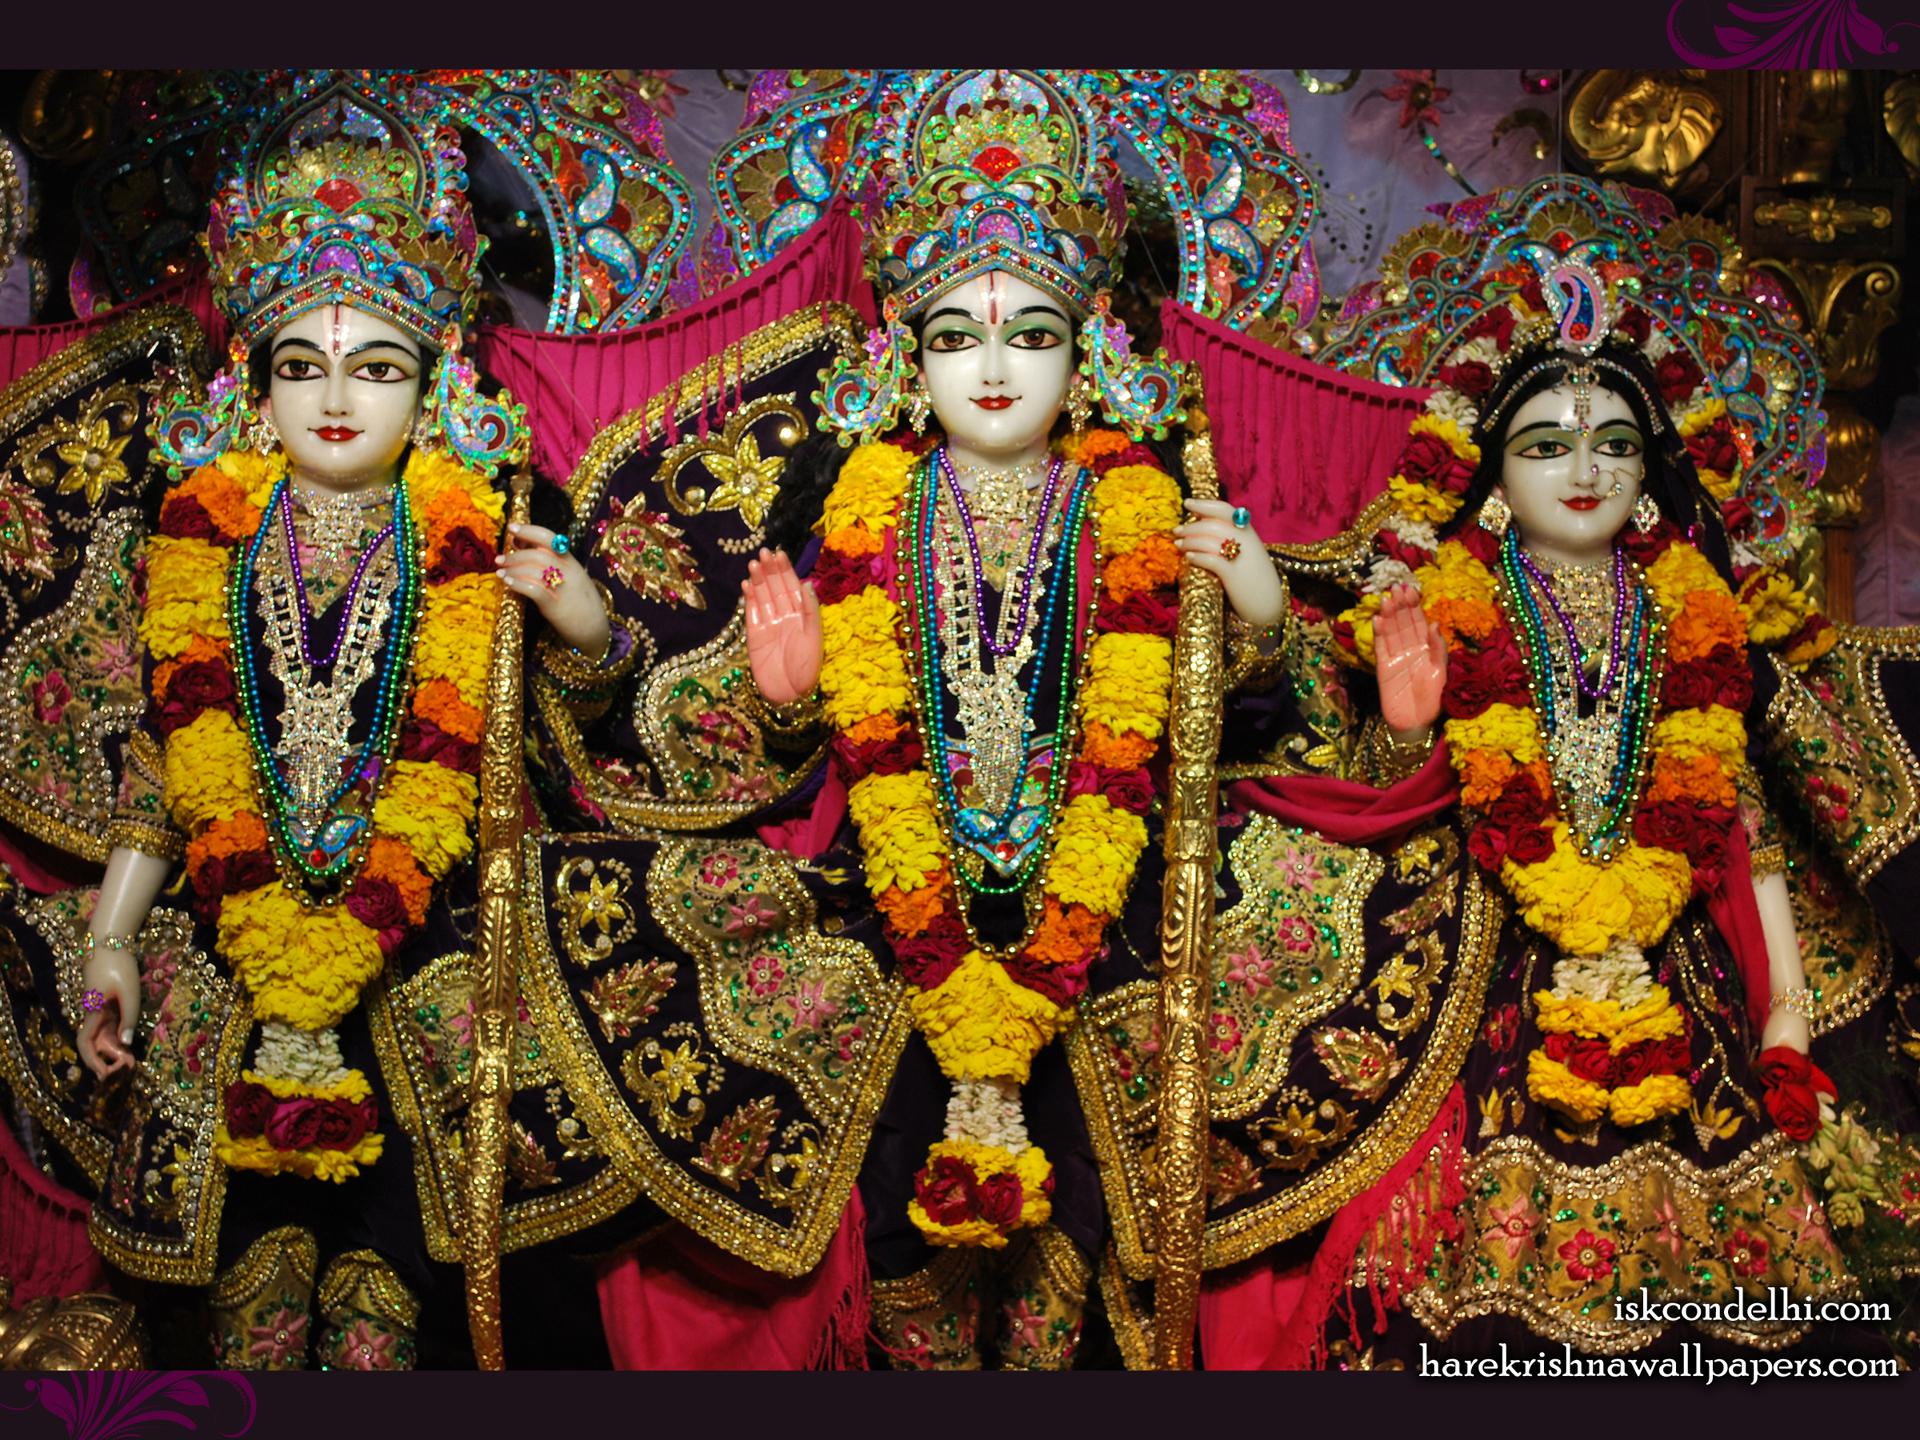 Sri Sri Sita Rama Laxman Wallpaper (002) Size 1920x1440 Download